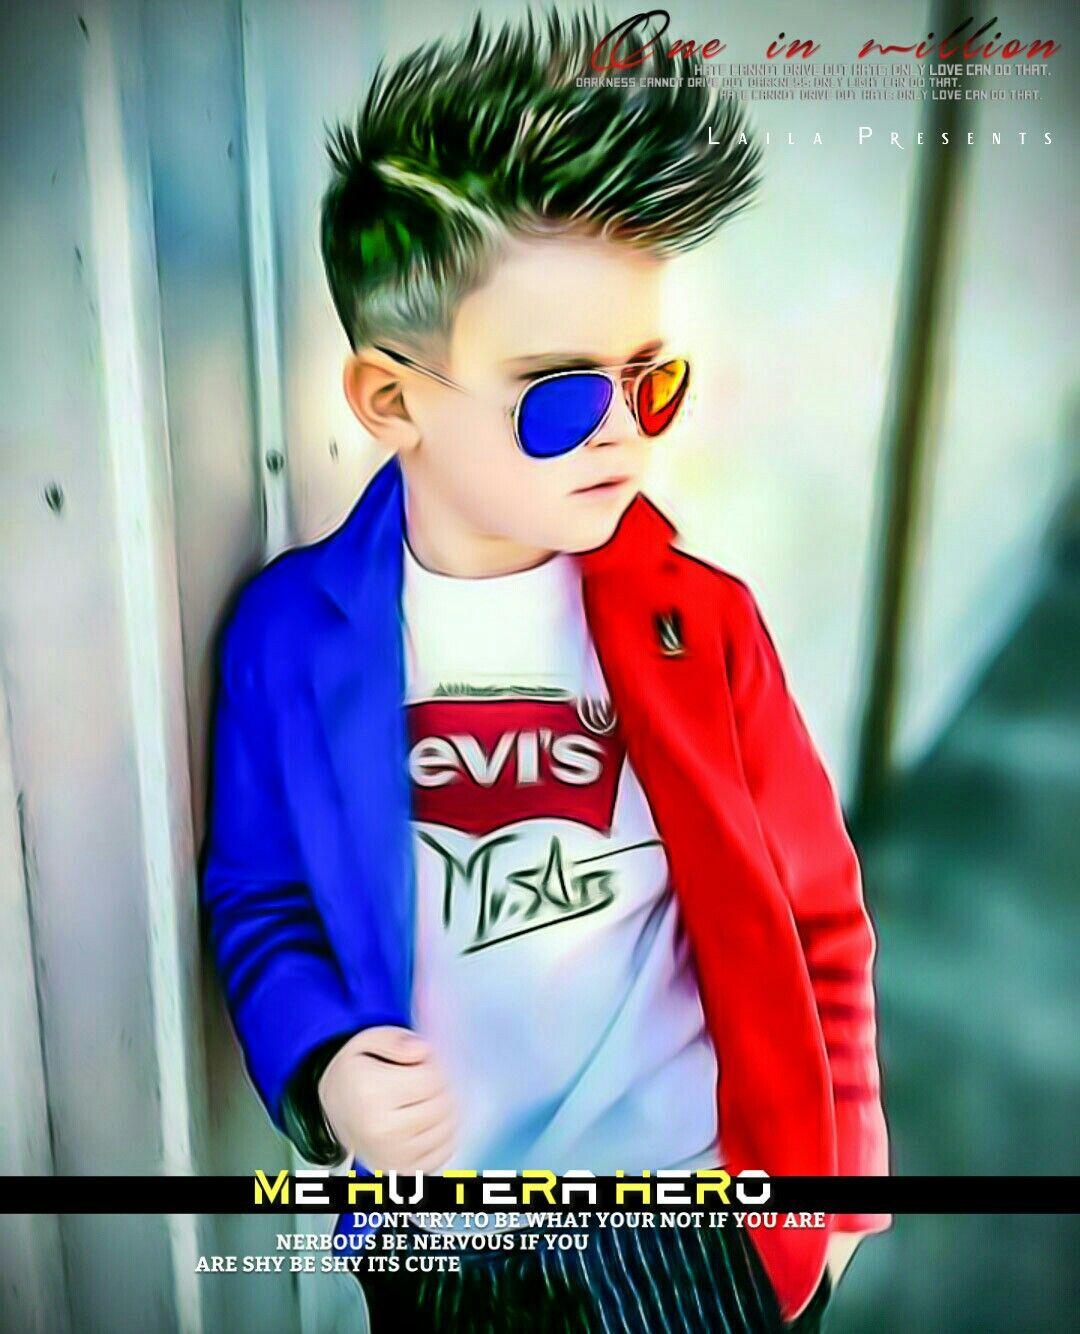 Aftavaa Stylish Boys Kids Photography Boys Cute Boys Images